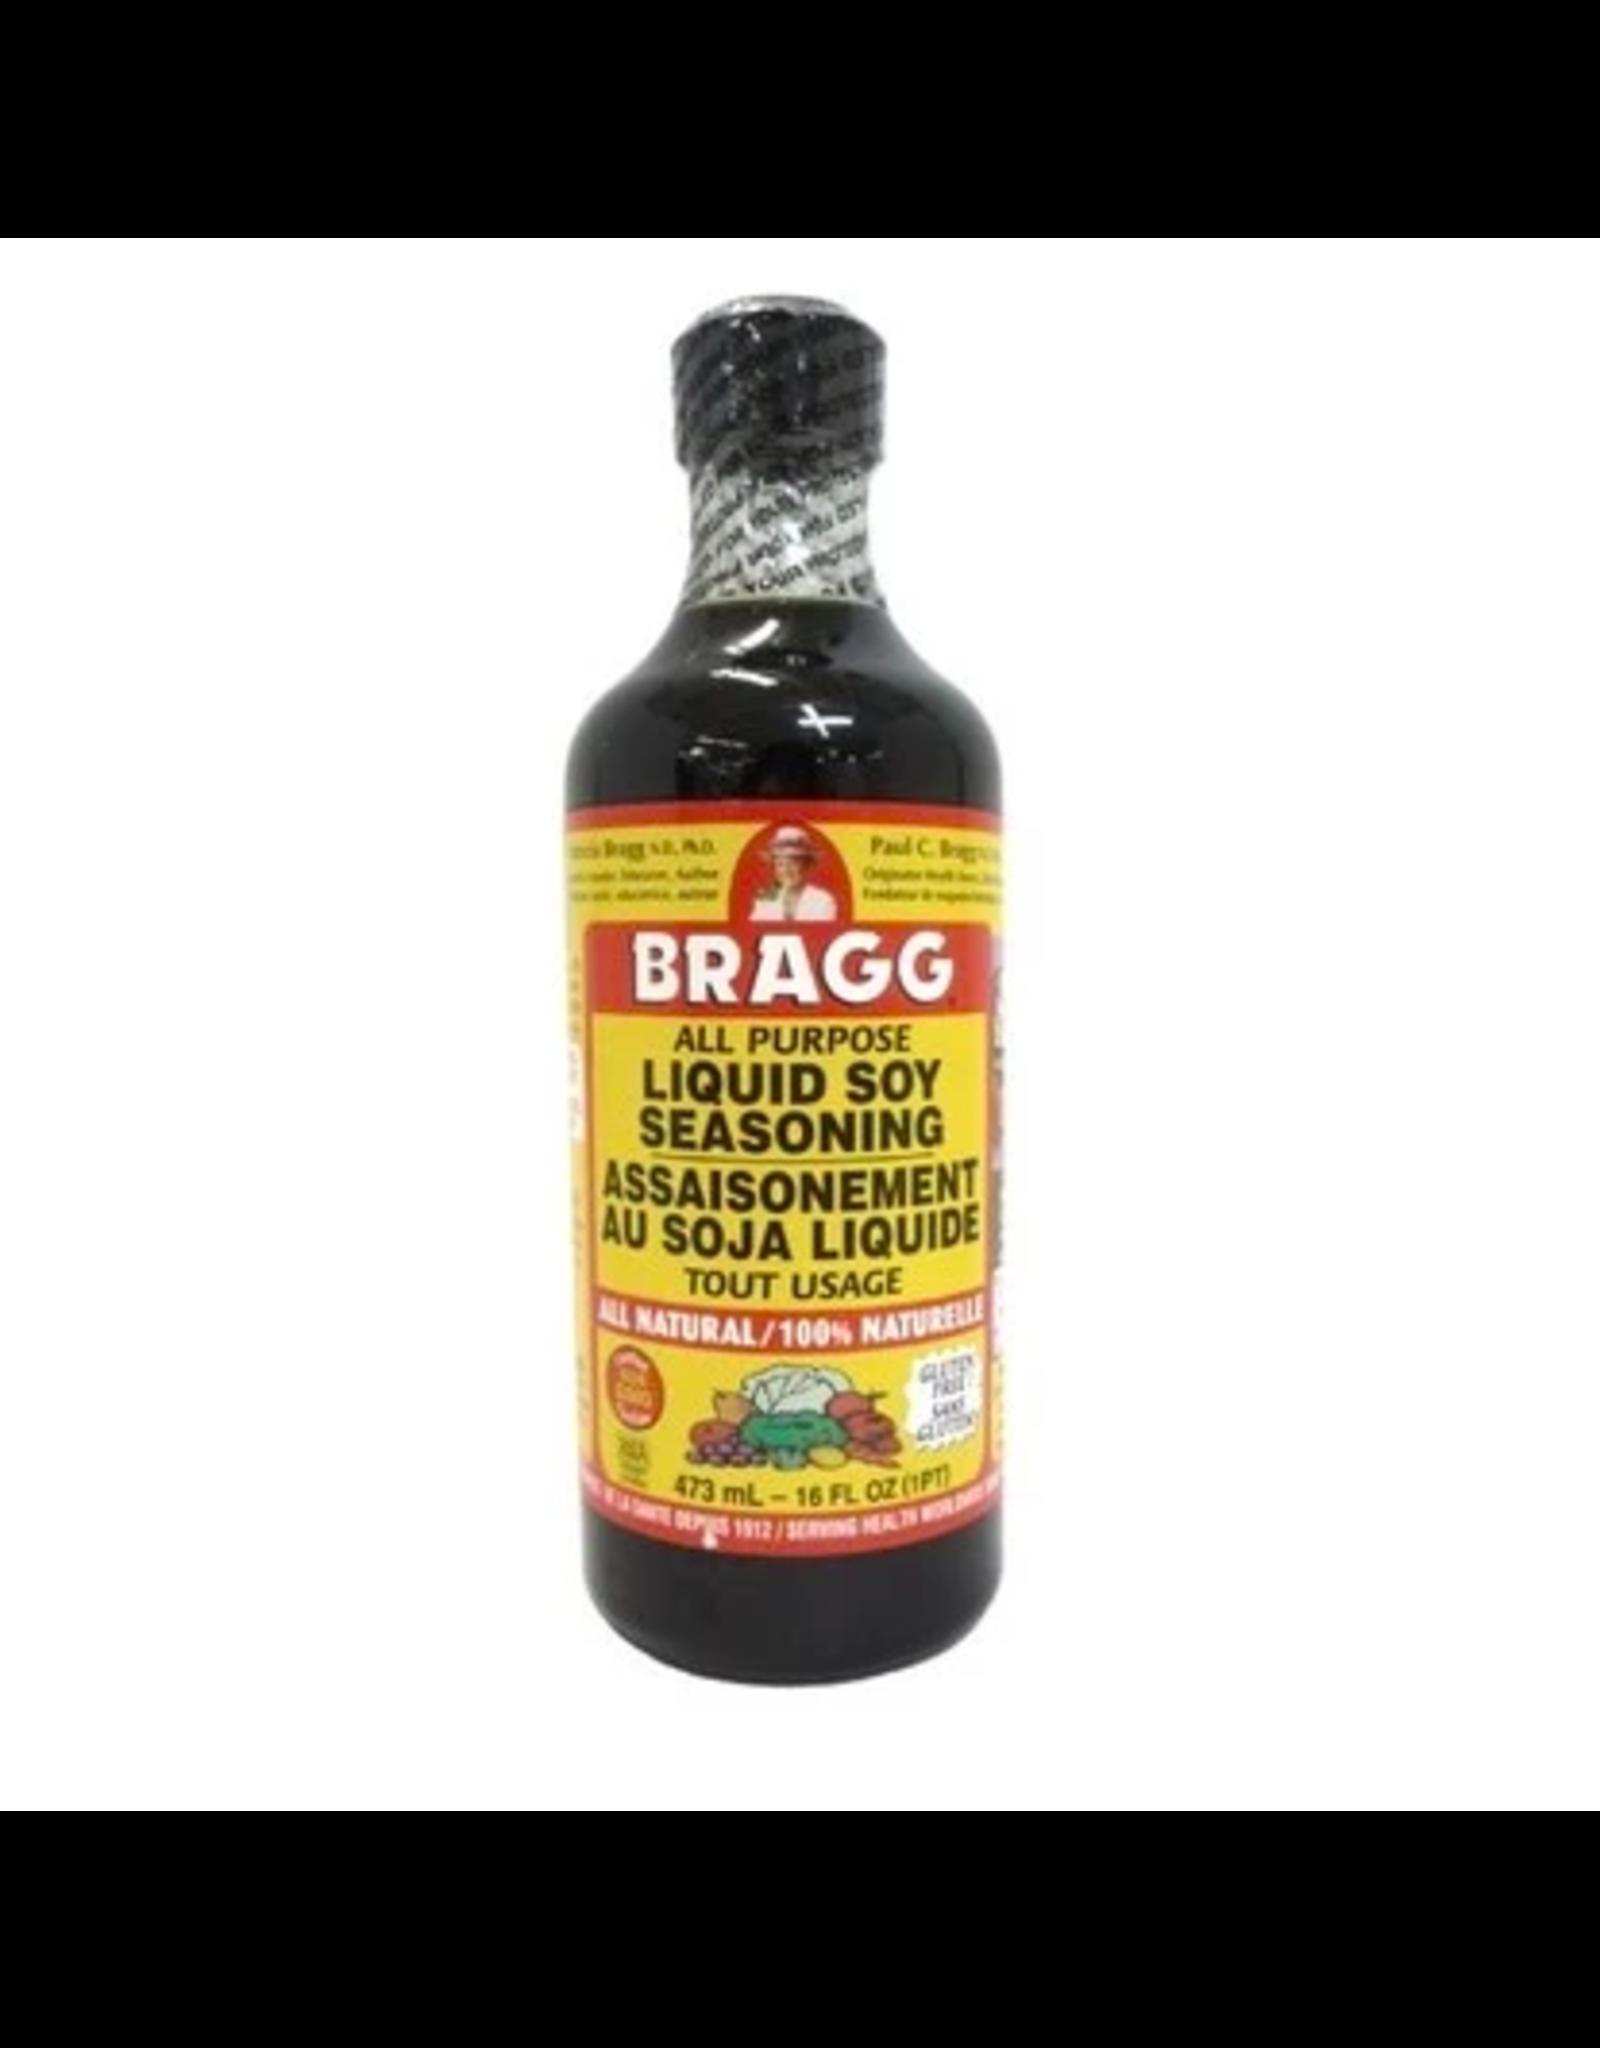 Bragg All Purpose Liquid Soy Seasoning